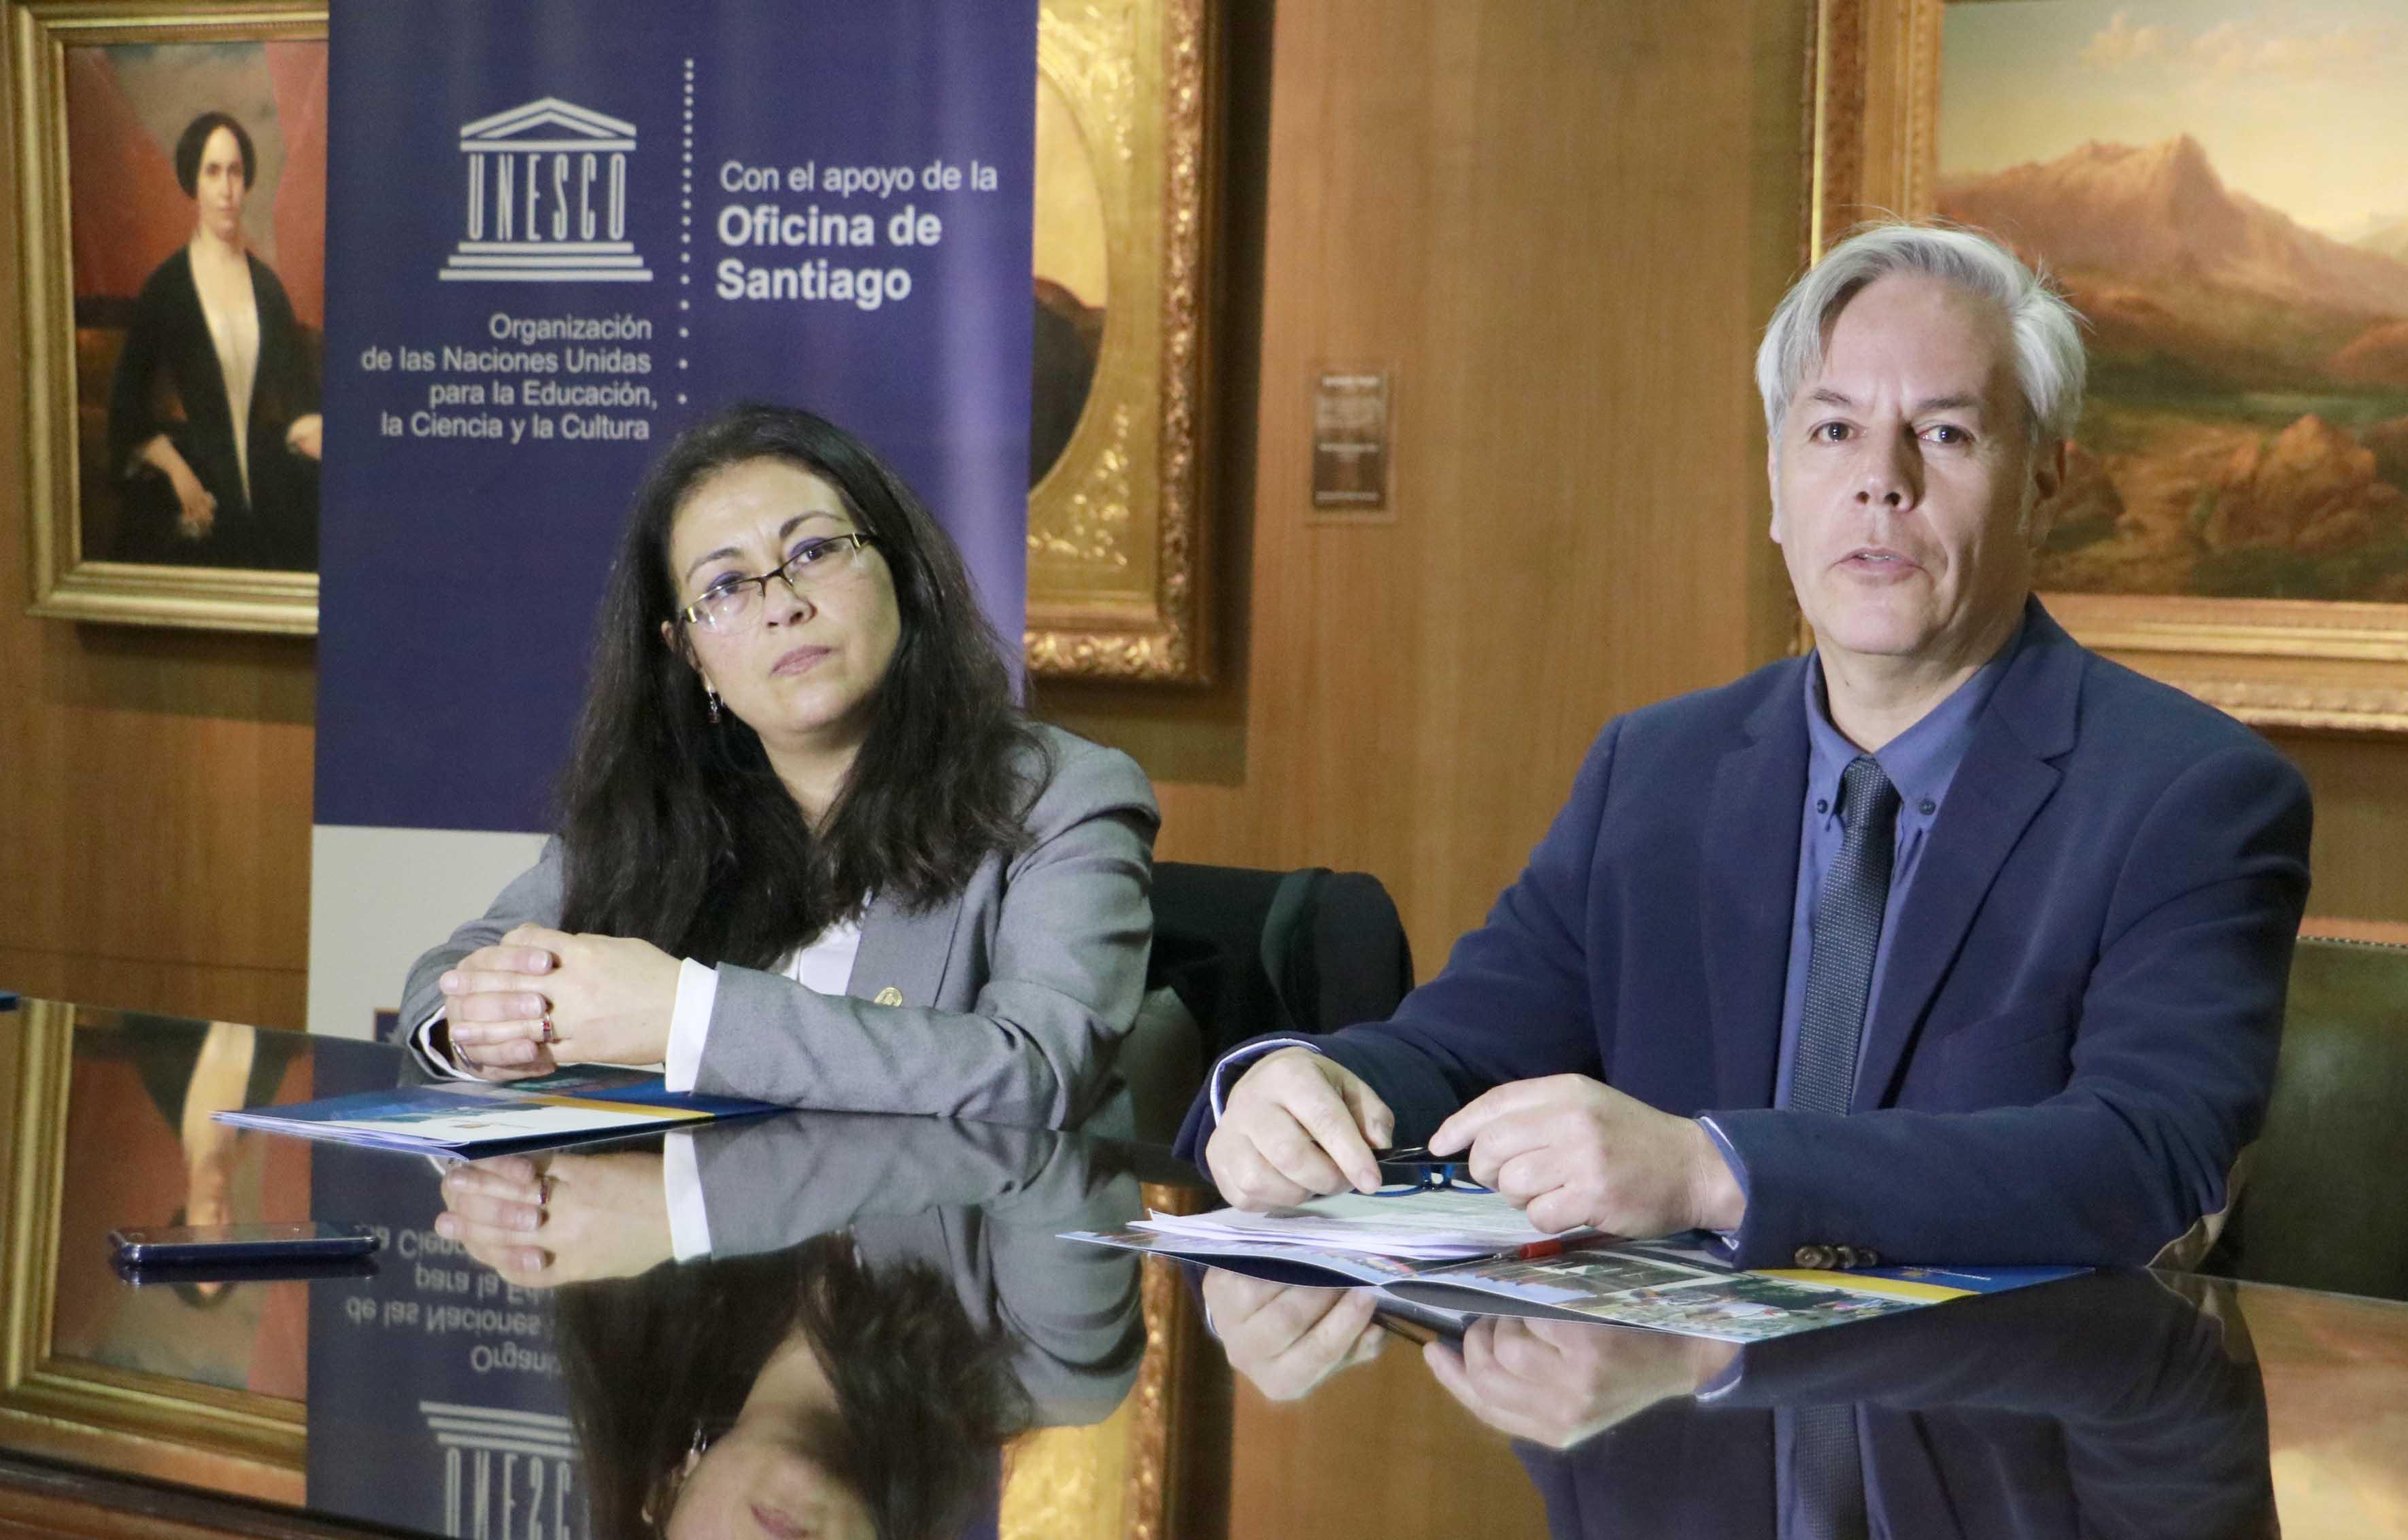 Abierta convocatoria a propuestas para Escuela de Verano 2019